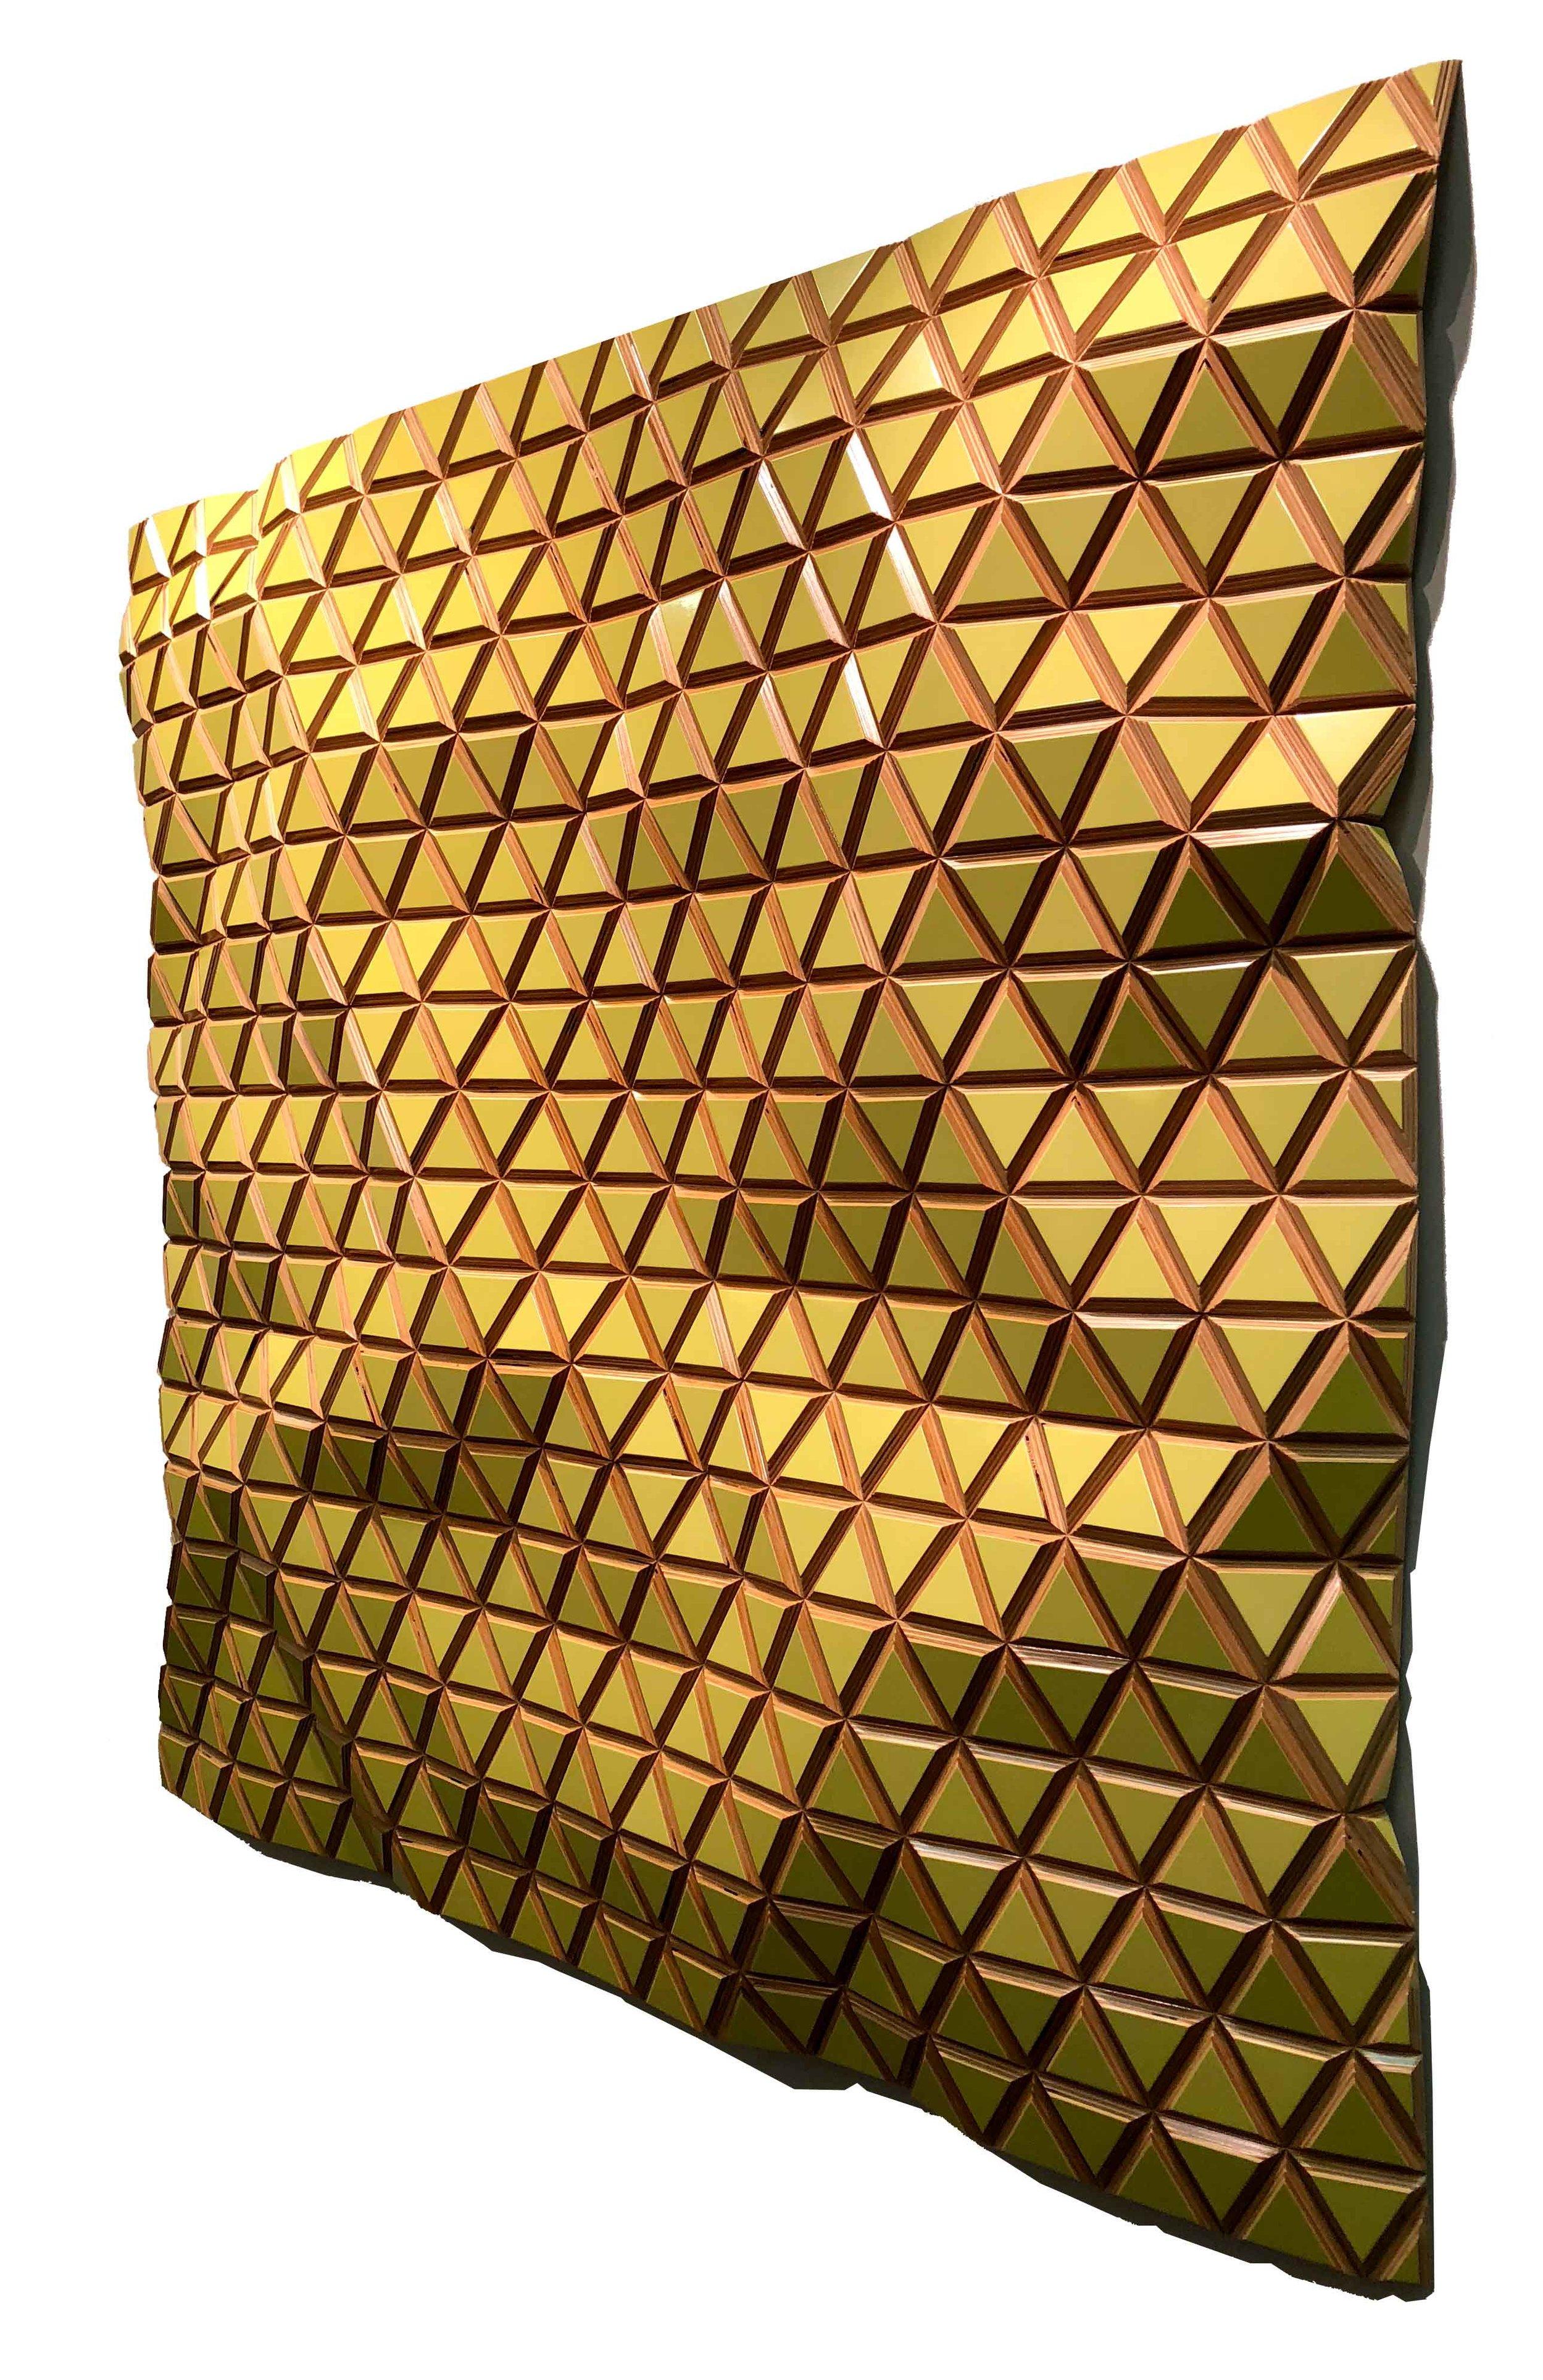 HGU_Honeycomb-Conjecture_57x59in_144x150cm_R1.jpg